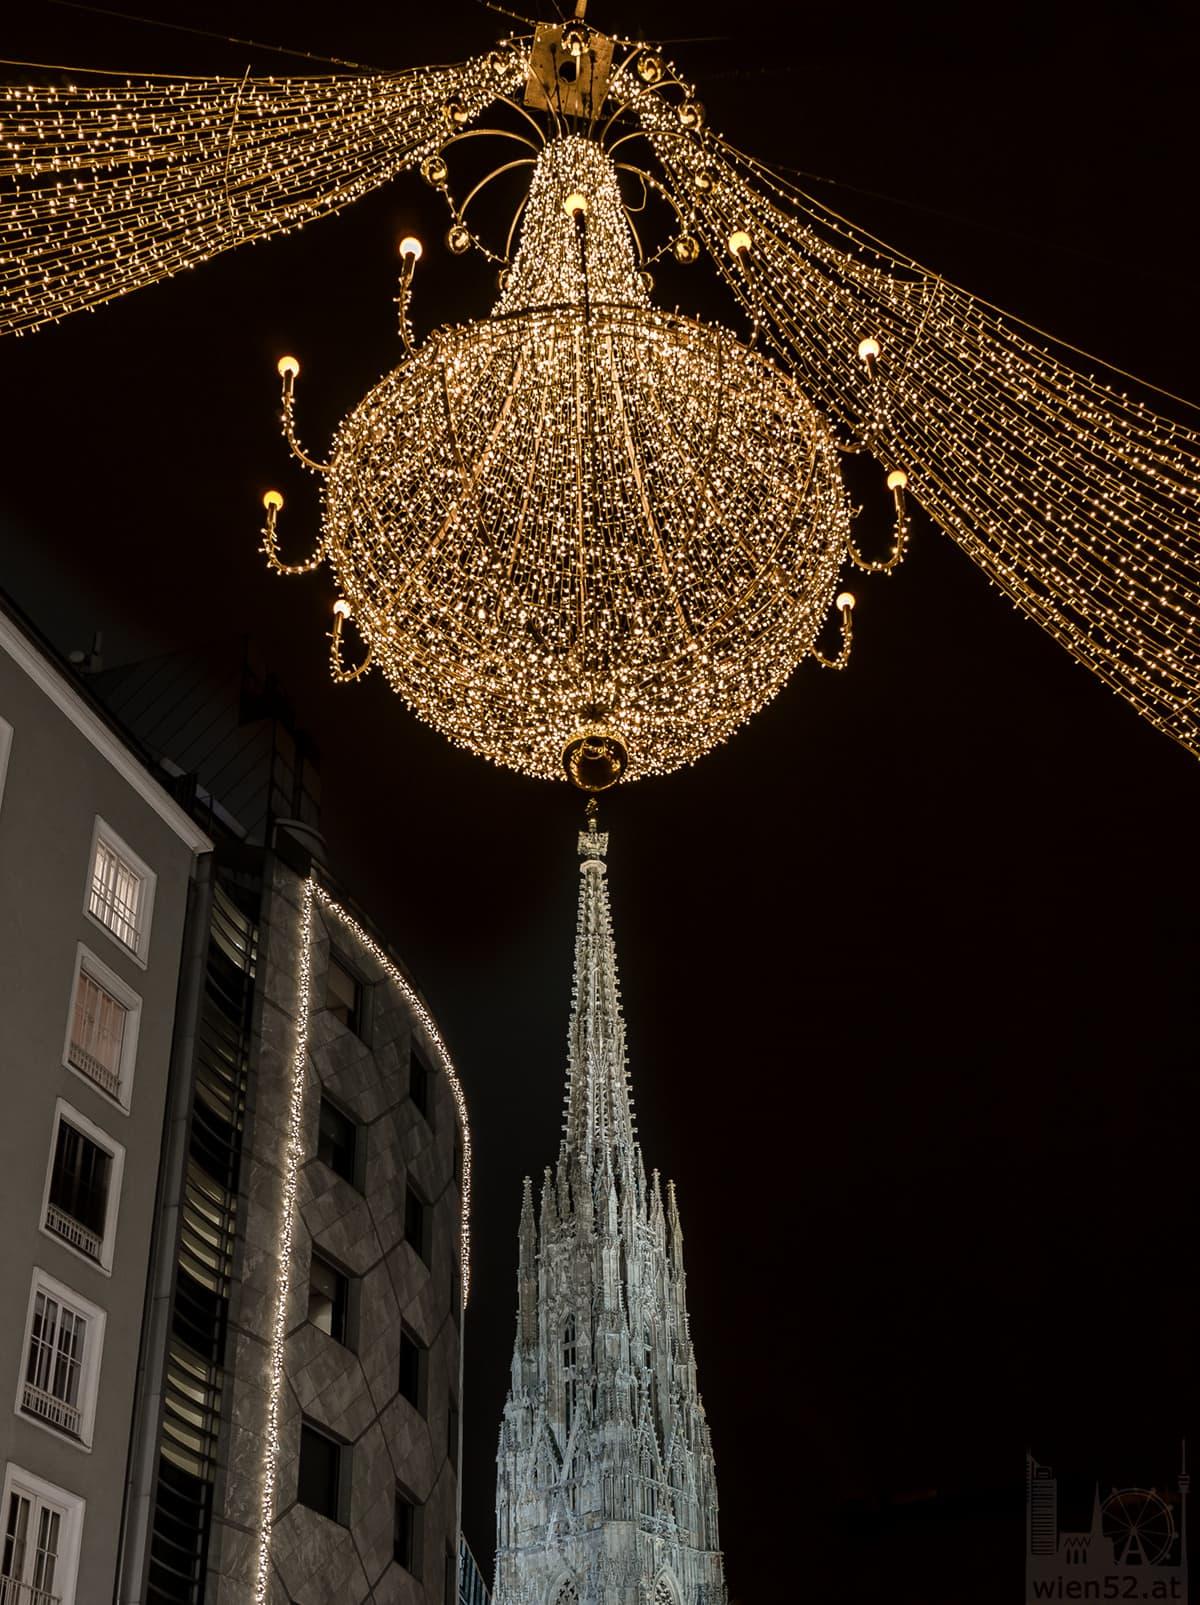 Weihnachtsbeleuchtung und der Stephansdom